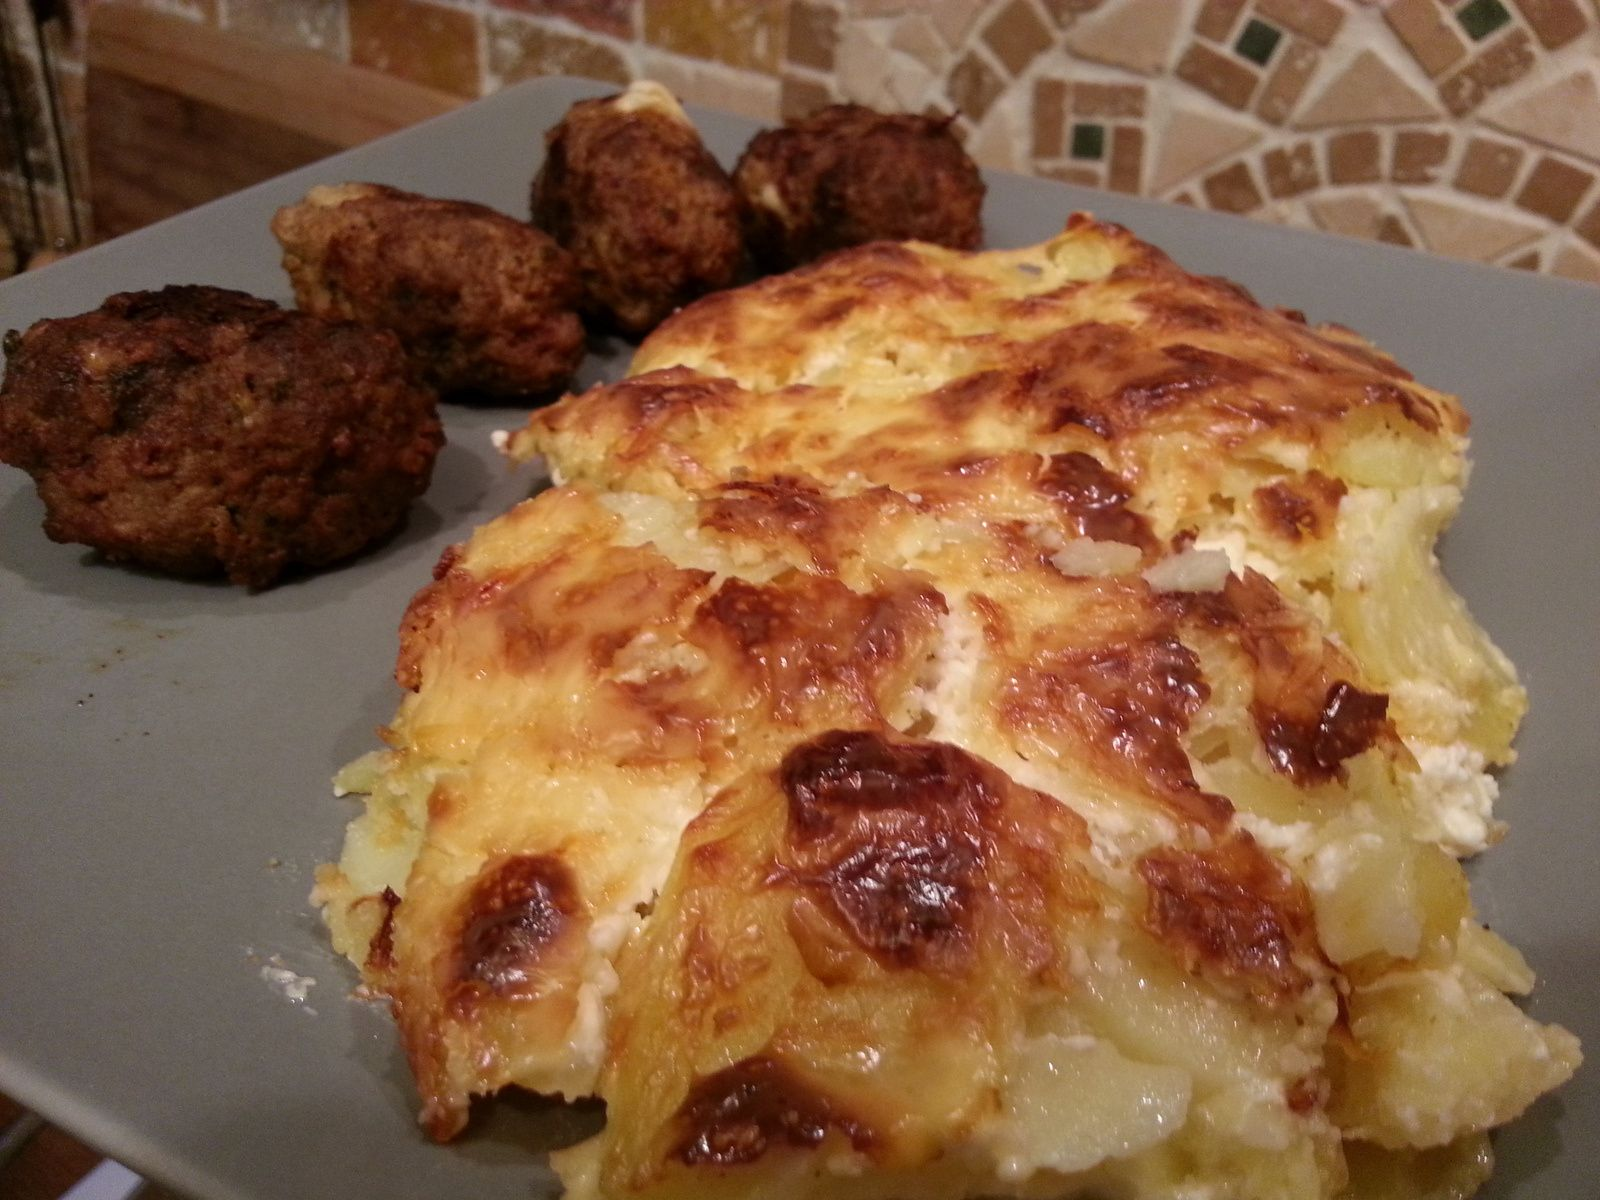 les boulettes de viande au parmesan et mozzarella avec son gratin dauphinois